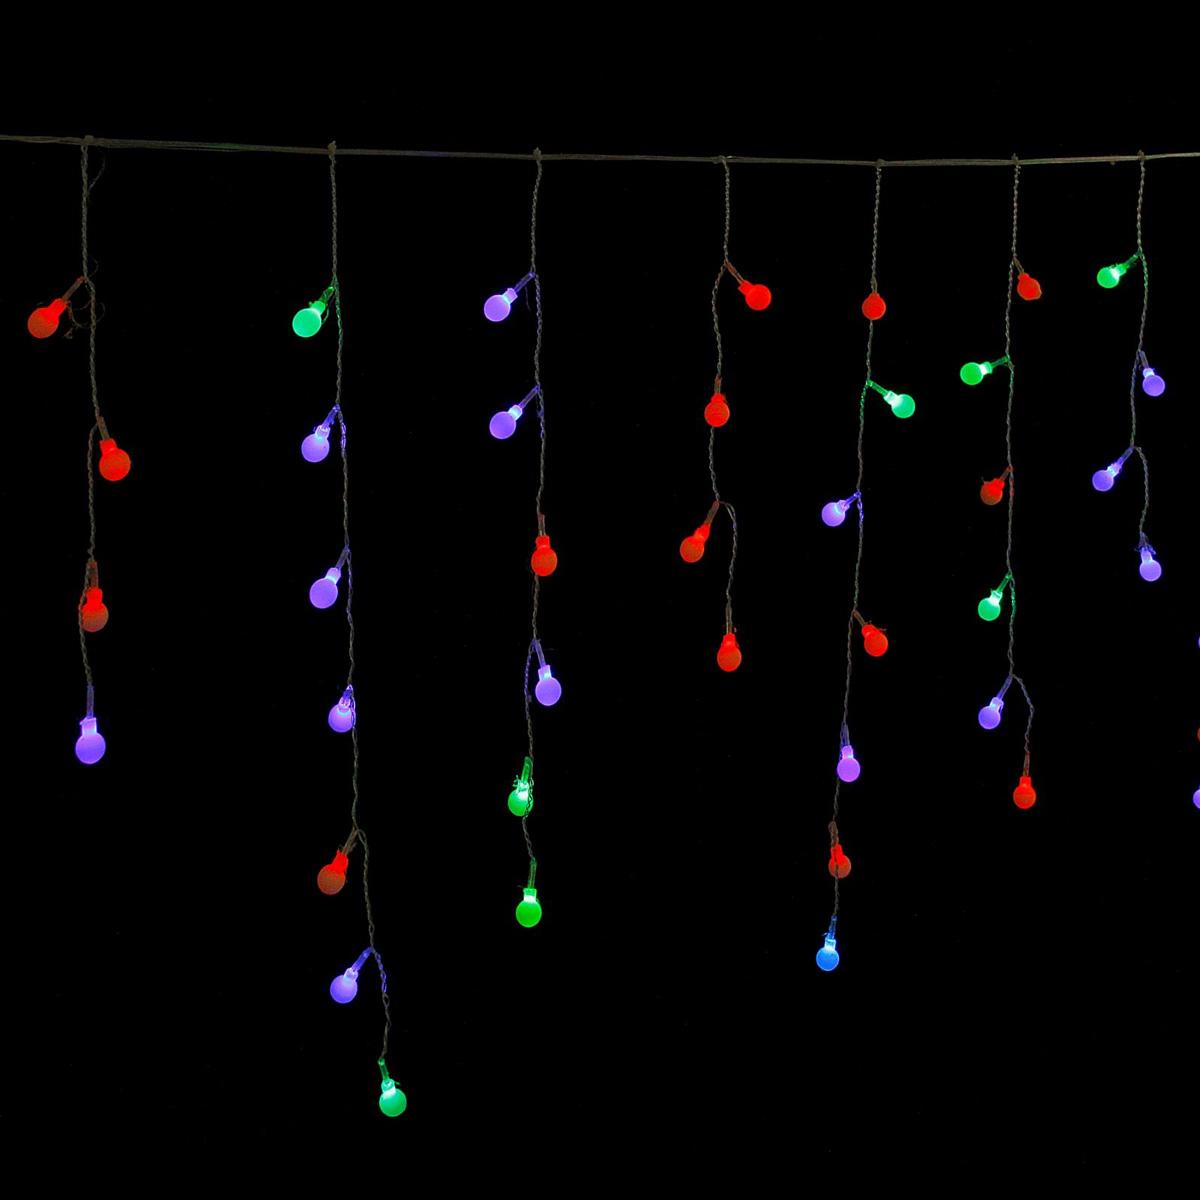 Гирлянда светодиодная Luazon Бахрома. Шарики, 100 ламп, 220 V, цвет: мультиколор, 2,8 х 0,6 м. 671643671643Светодиодные гирлянды, ленты и т.д — это отличный вариант для новогоднего оформления интерьера или фасада. С их помощью помещение любого размера можно превратить в праздничный зал, а внешние элементы зданий, украшенные ими, мгновенно станут напоминать очертания сказочного дворца. Такие украшения создают ауру предвкушения чуда. Деревья, фасады, витрины, окна и арки будто специально созданы, чтобы вы украсили их светящимися нитями.